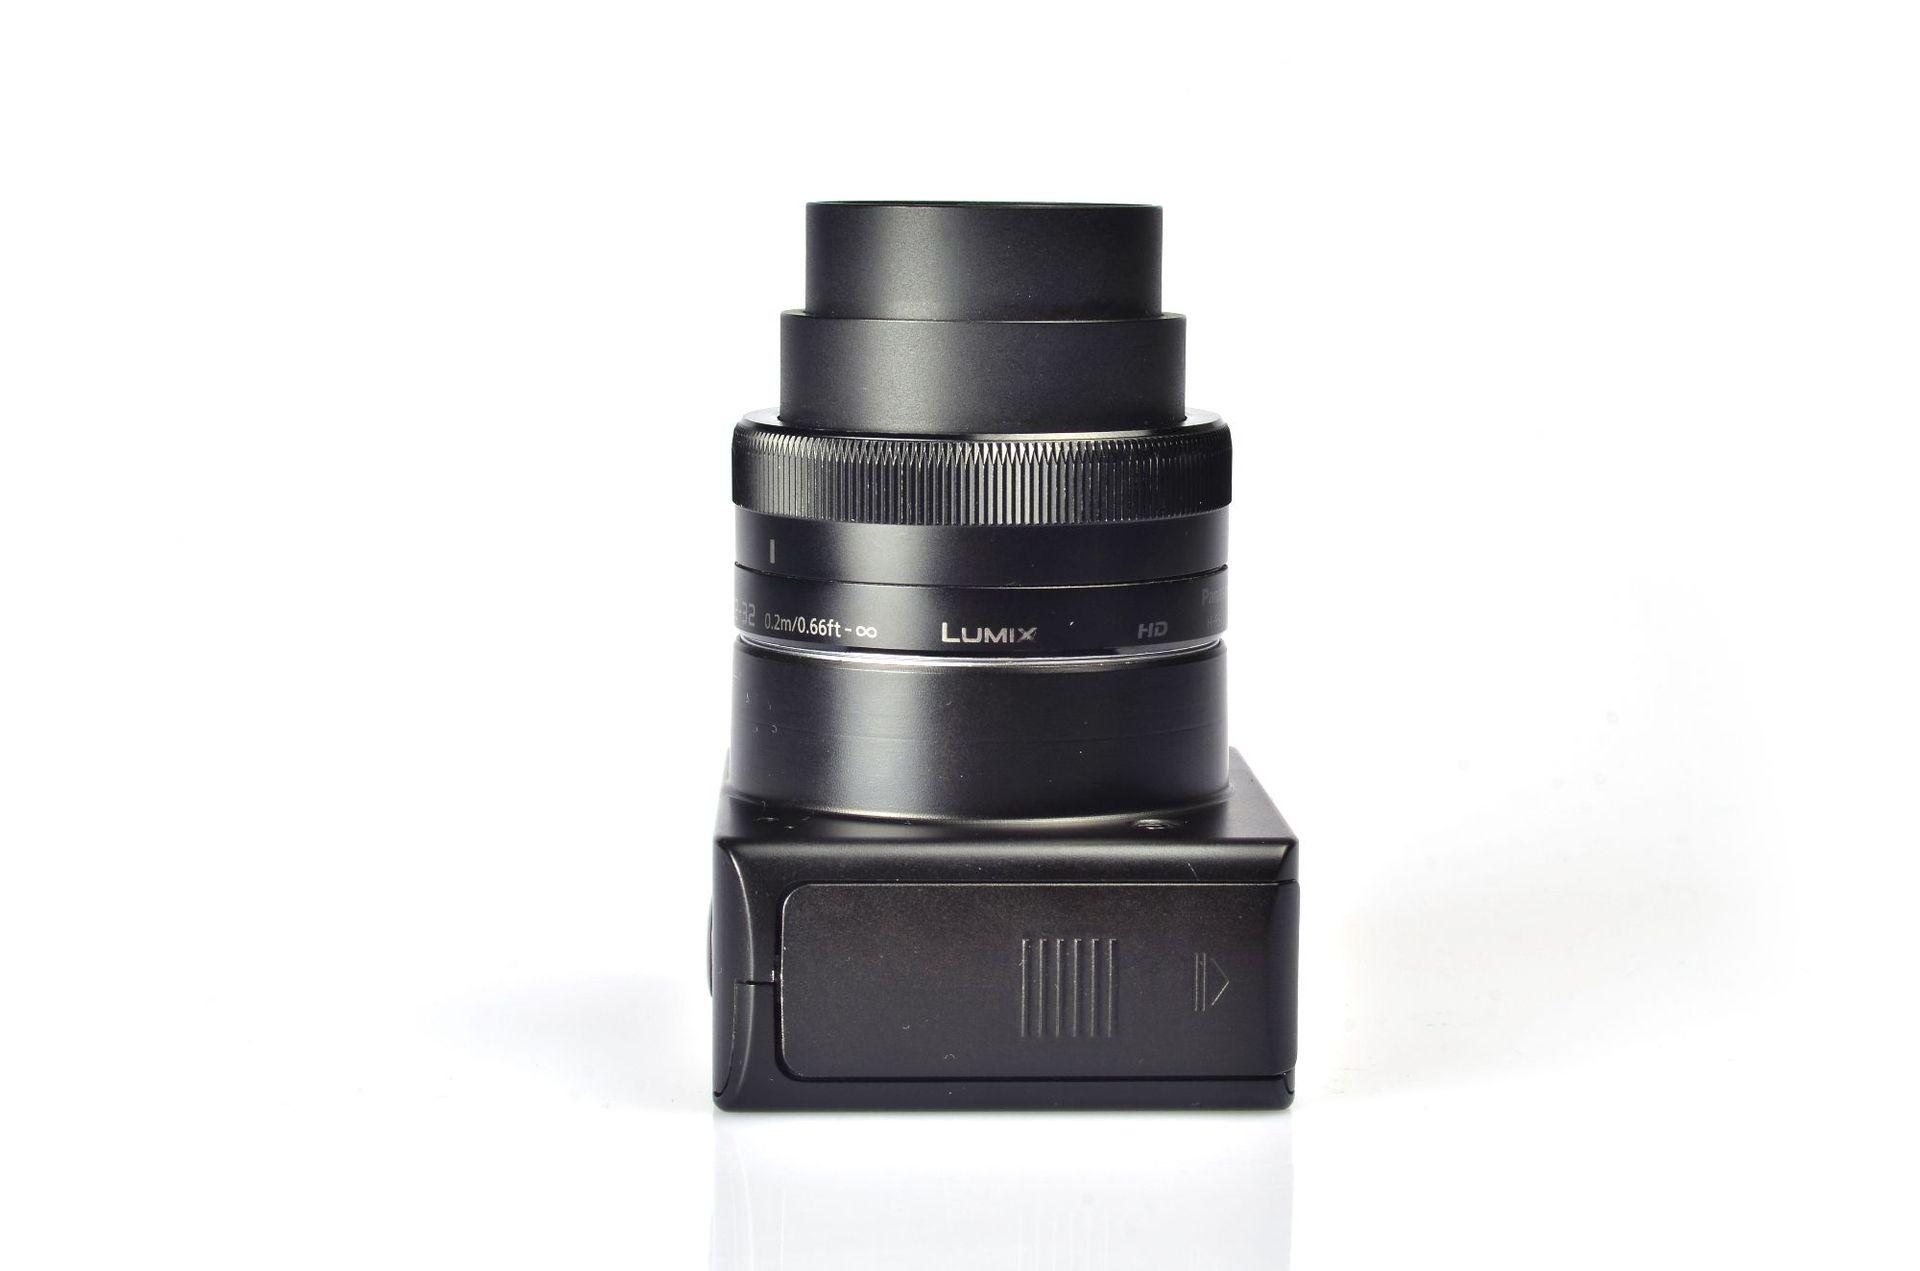 Nhà sản xuất bán buôn chống rung máy ảnh độ nét cao tập trung nhiều chức năng công suất lớn WiFi máy